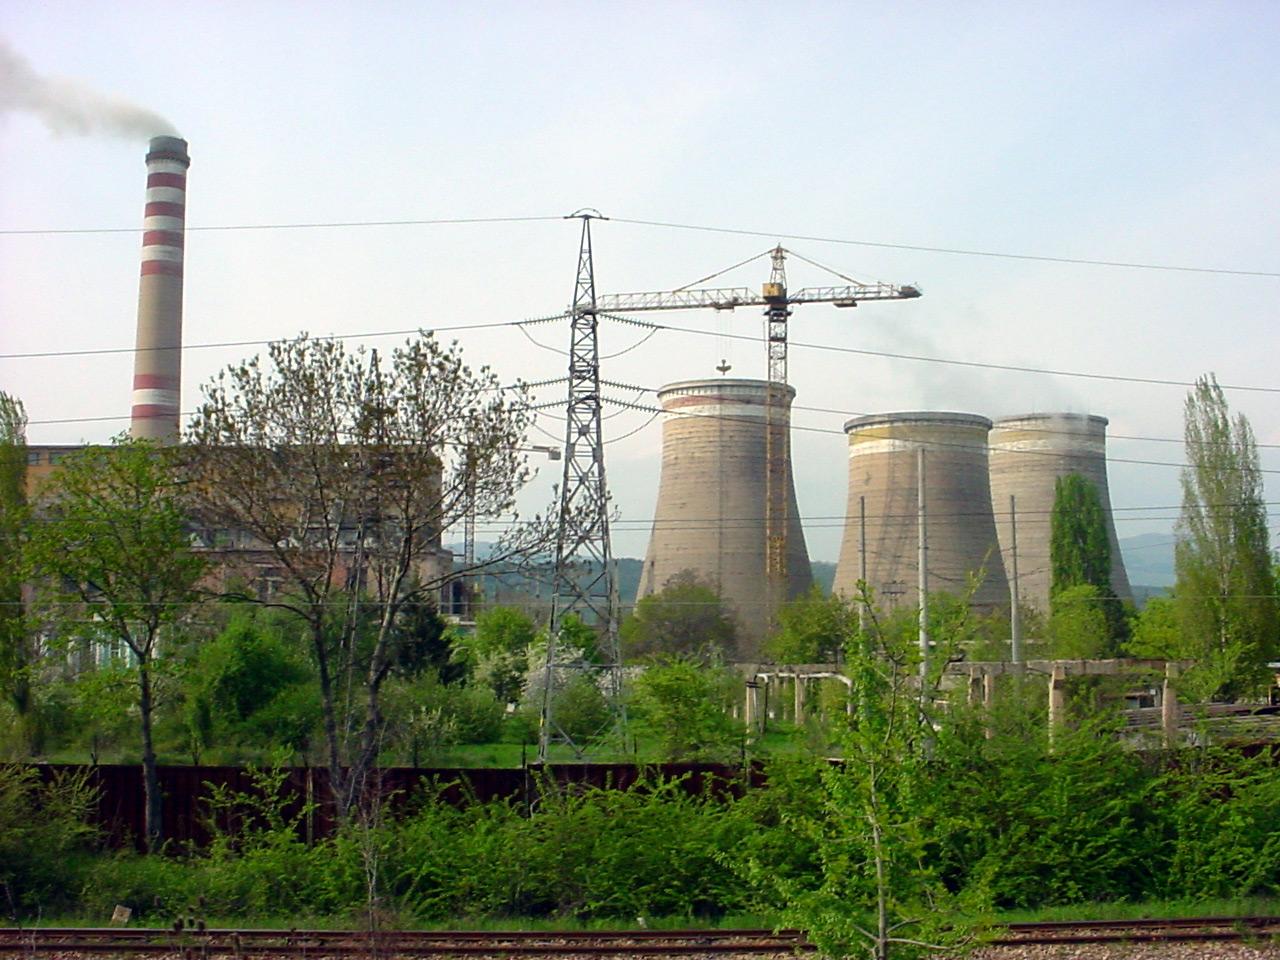 Güç gaz türbini tesisleri. Gaz türbini döngüsü döngüleri